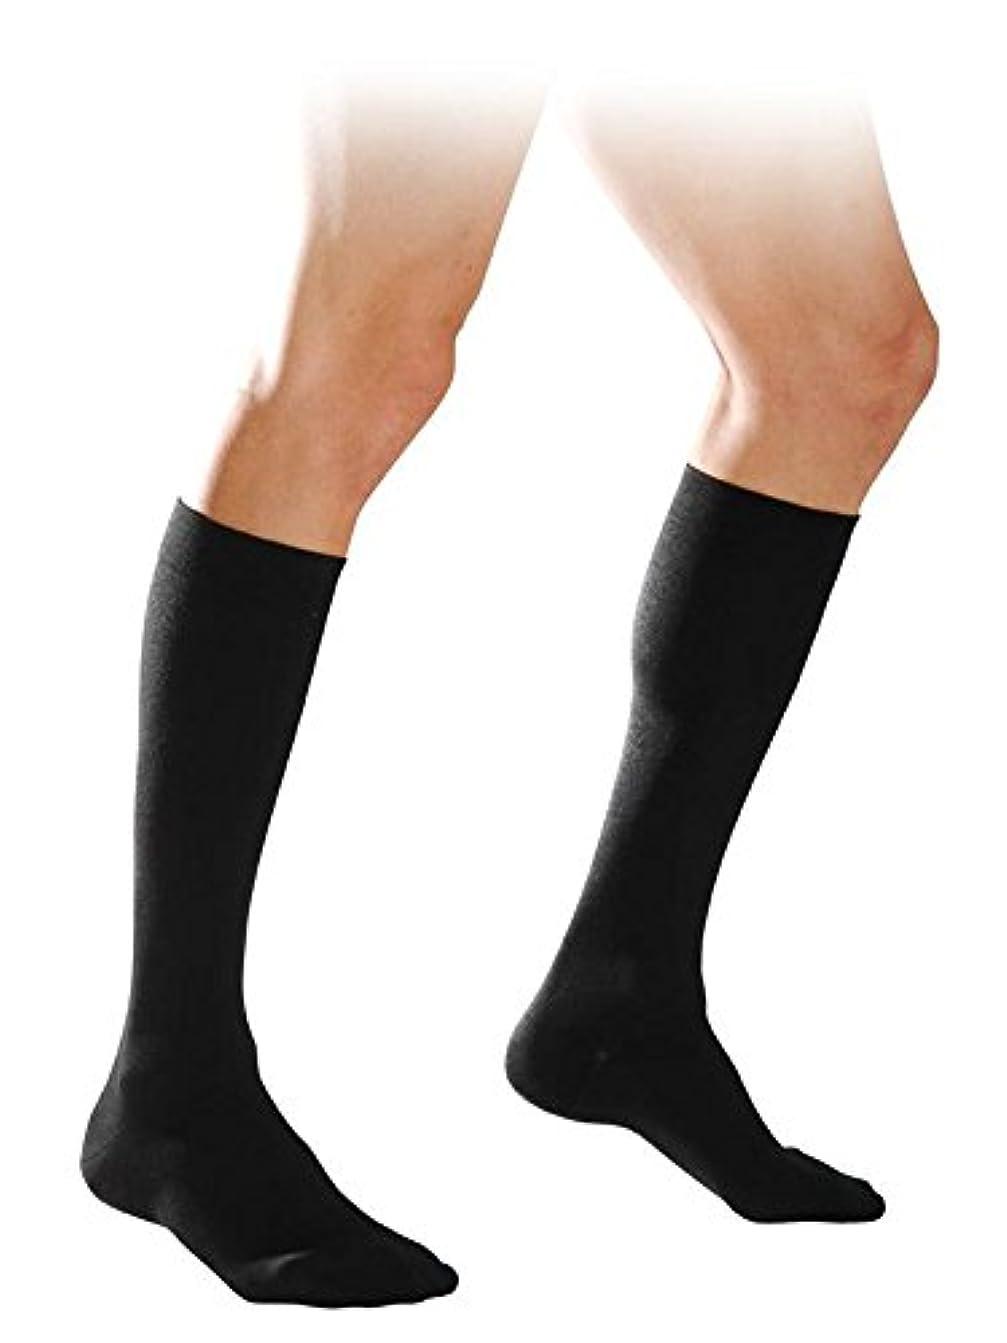 被るホイスト意見【エコノミー症候群予防】男性用 着圧ソックス (L, ブラック)